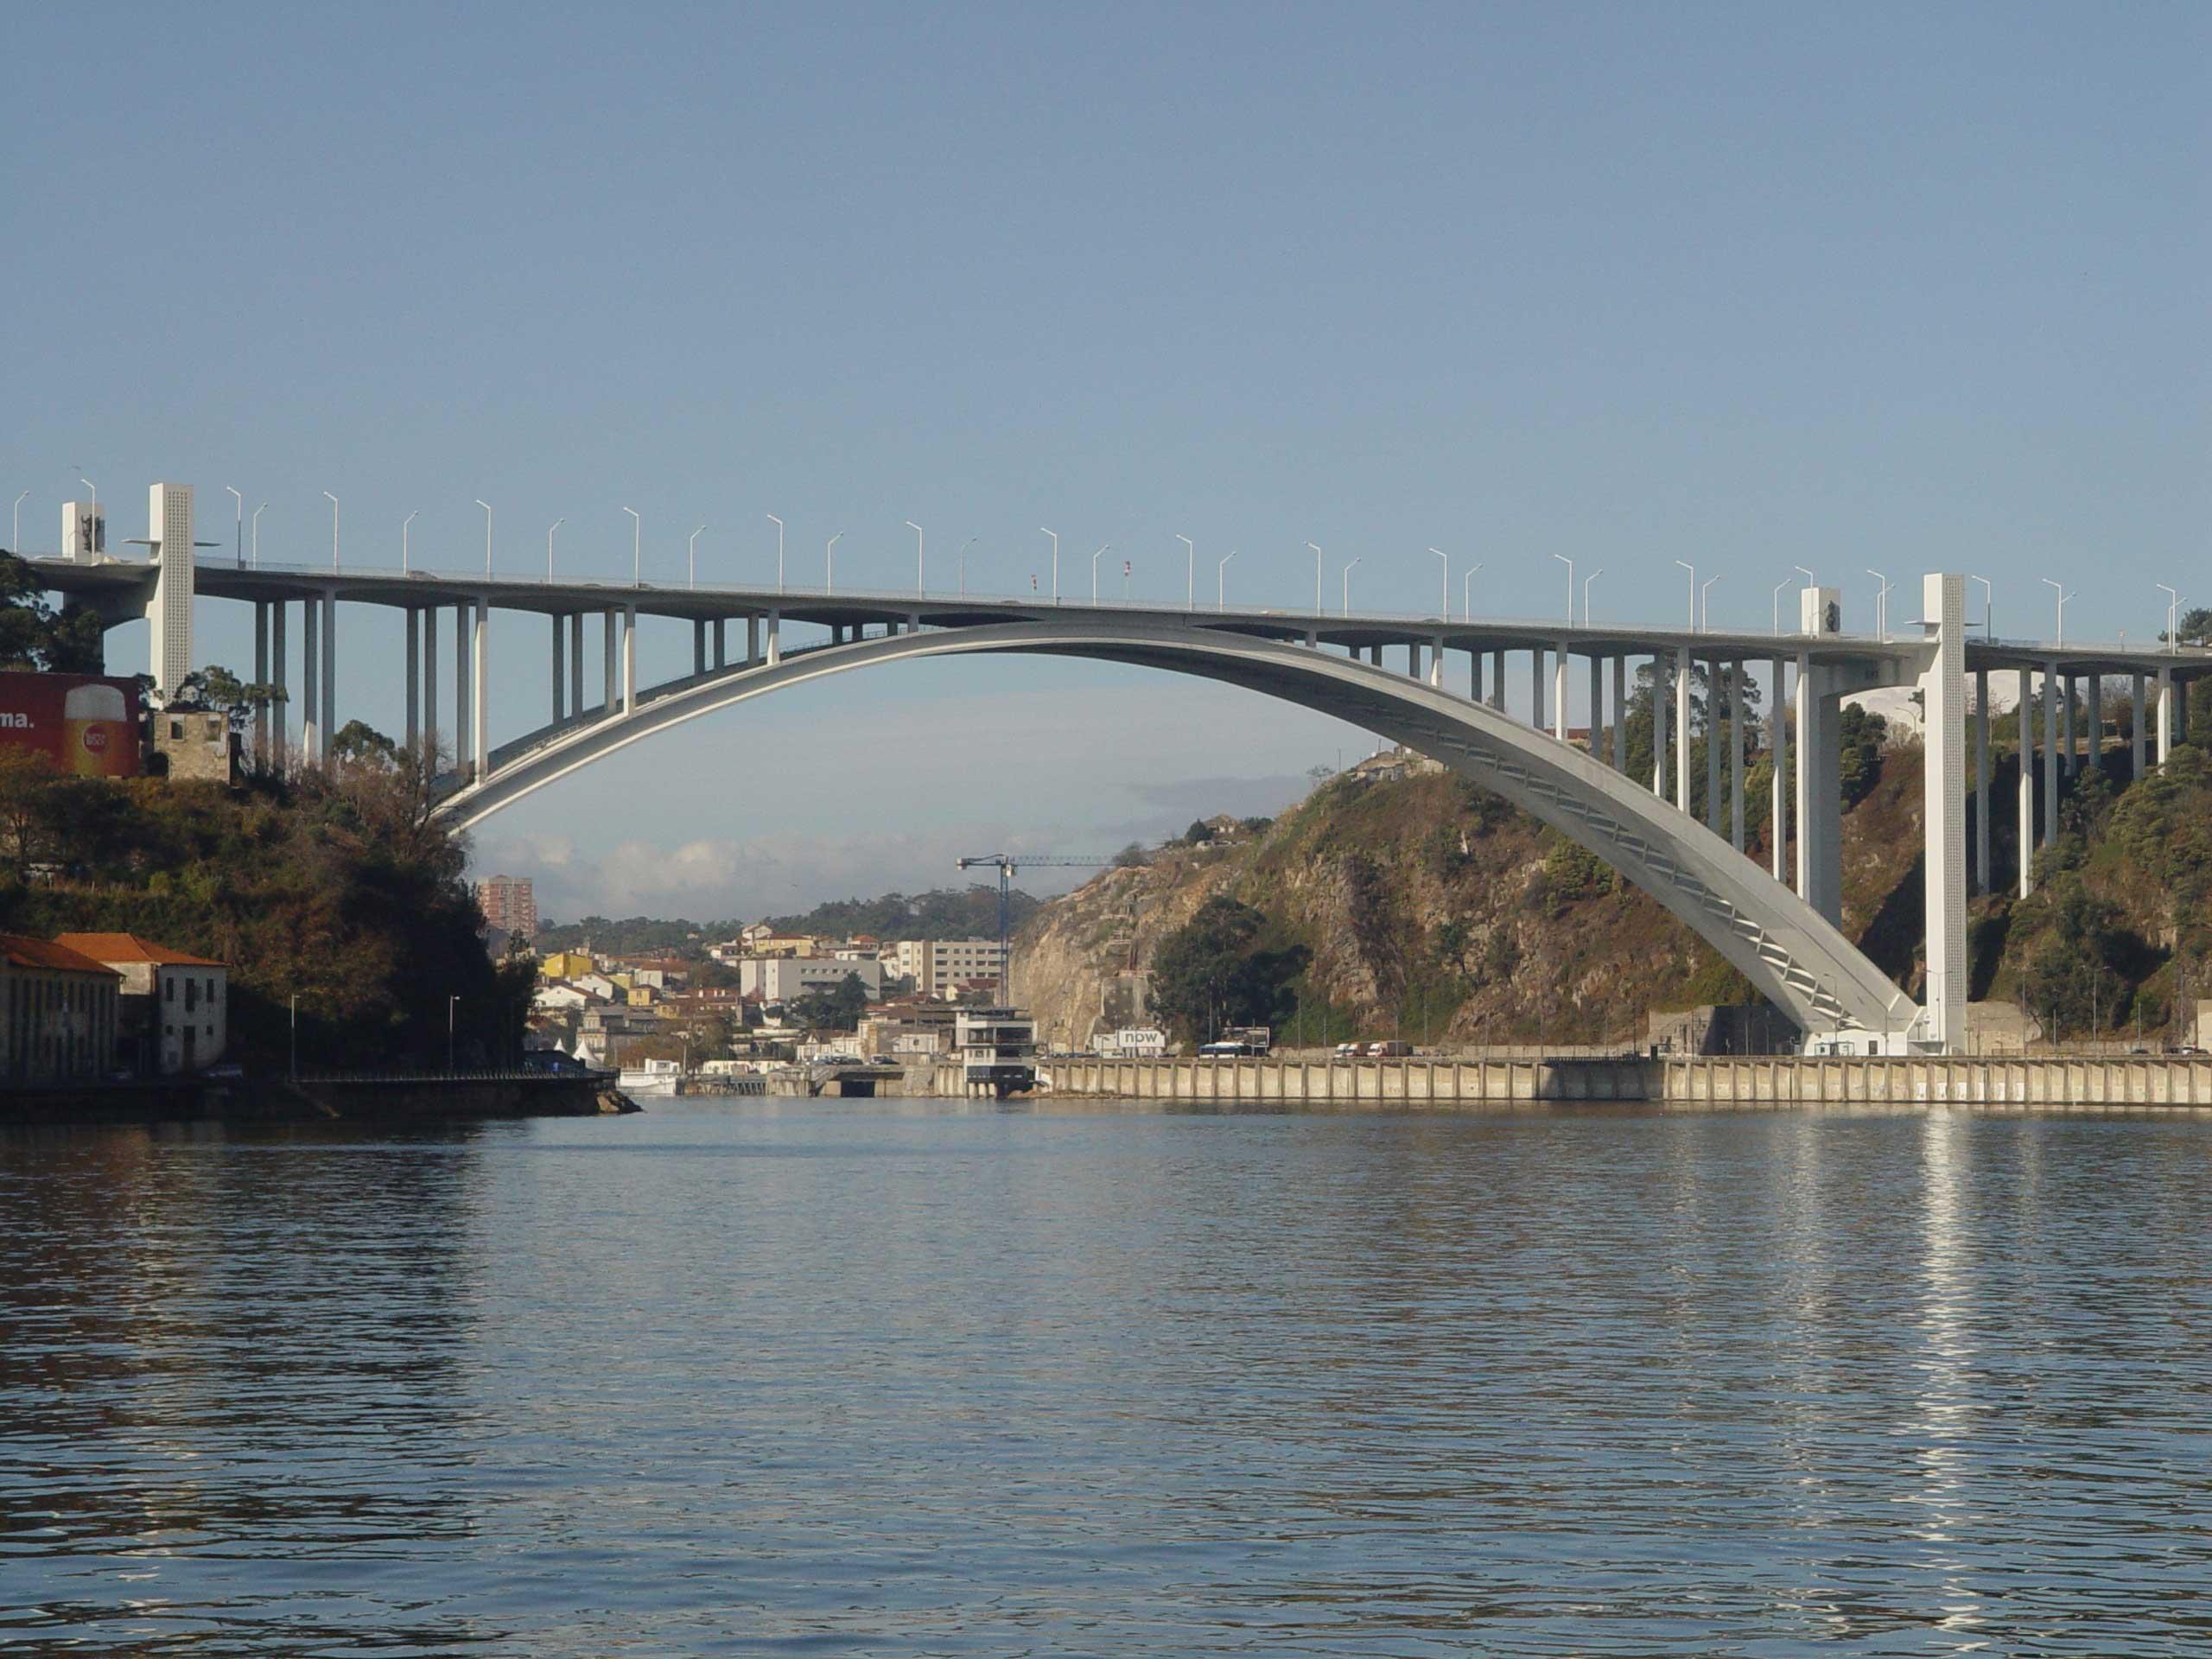 Arrabida Bridge, Leixoes, Portugal | CruiseBe